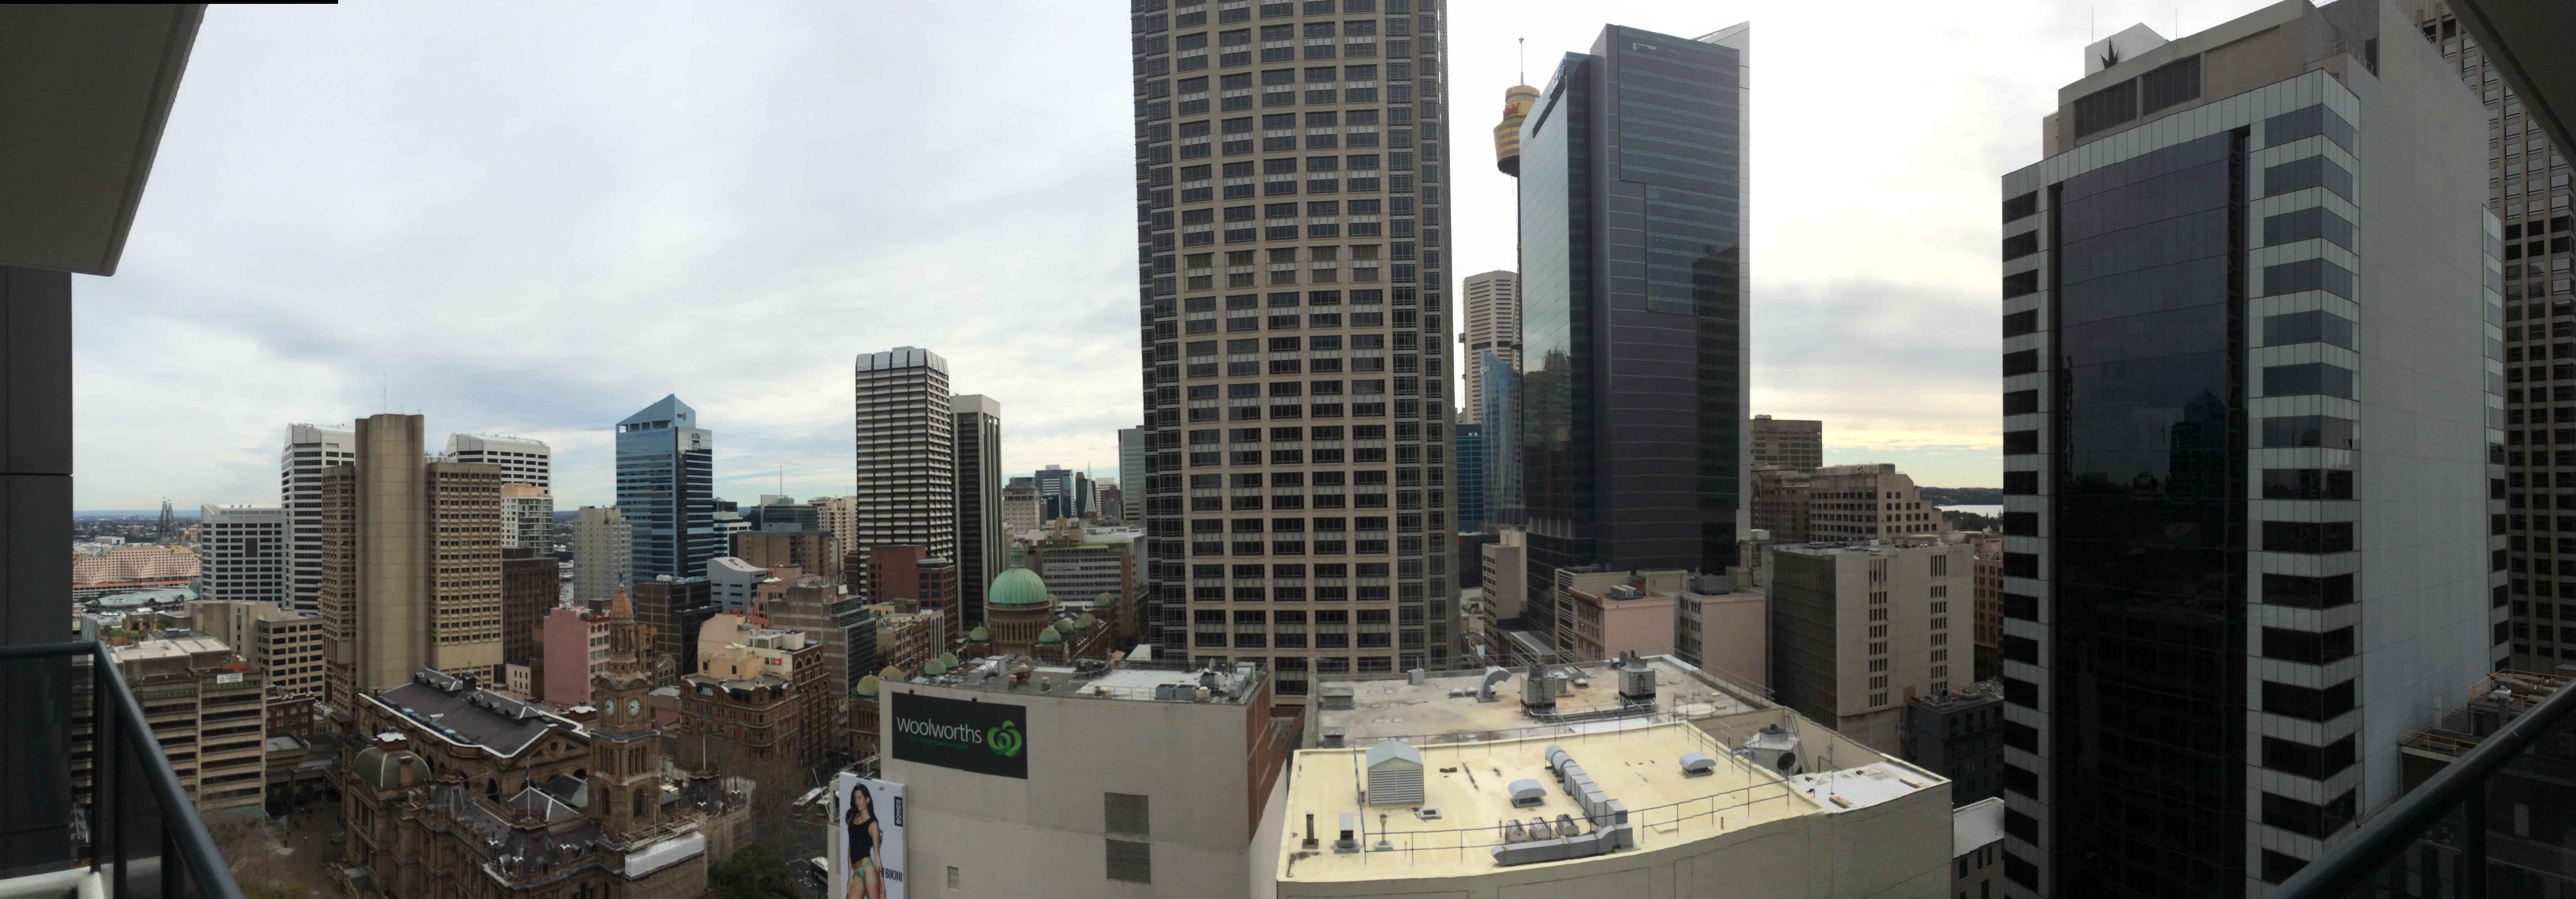 Sydney Metro View